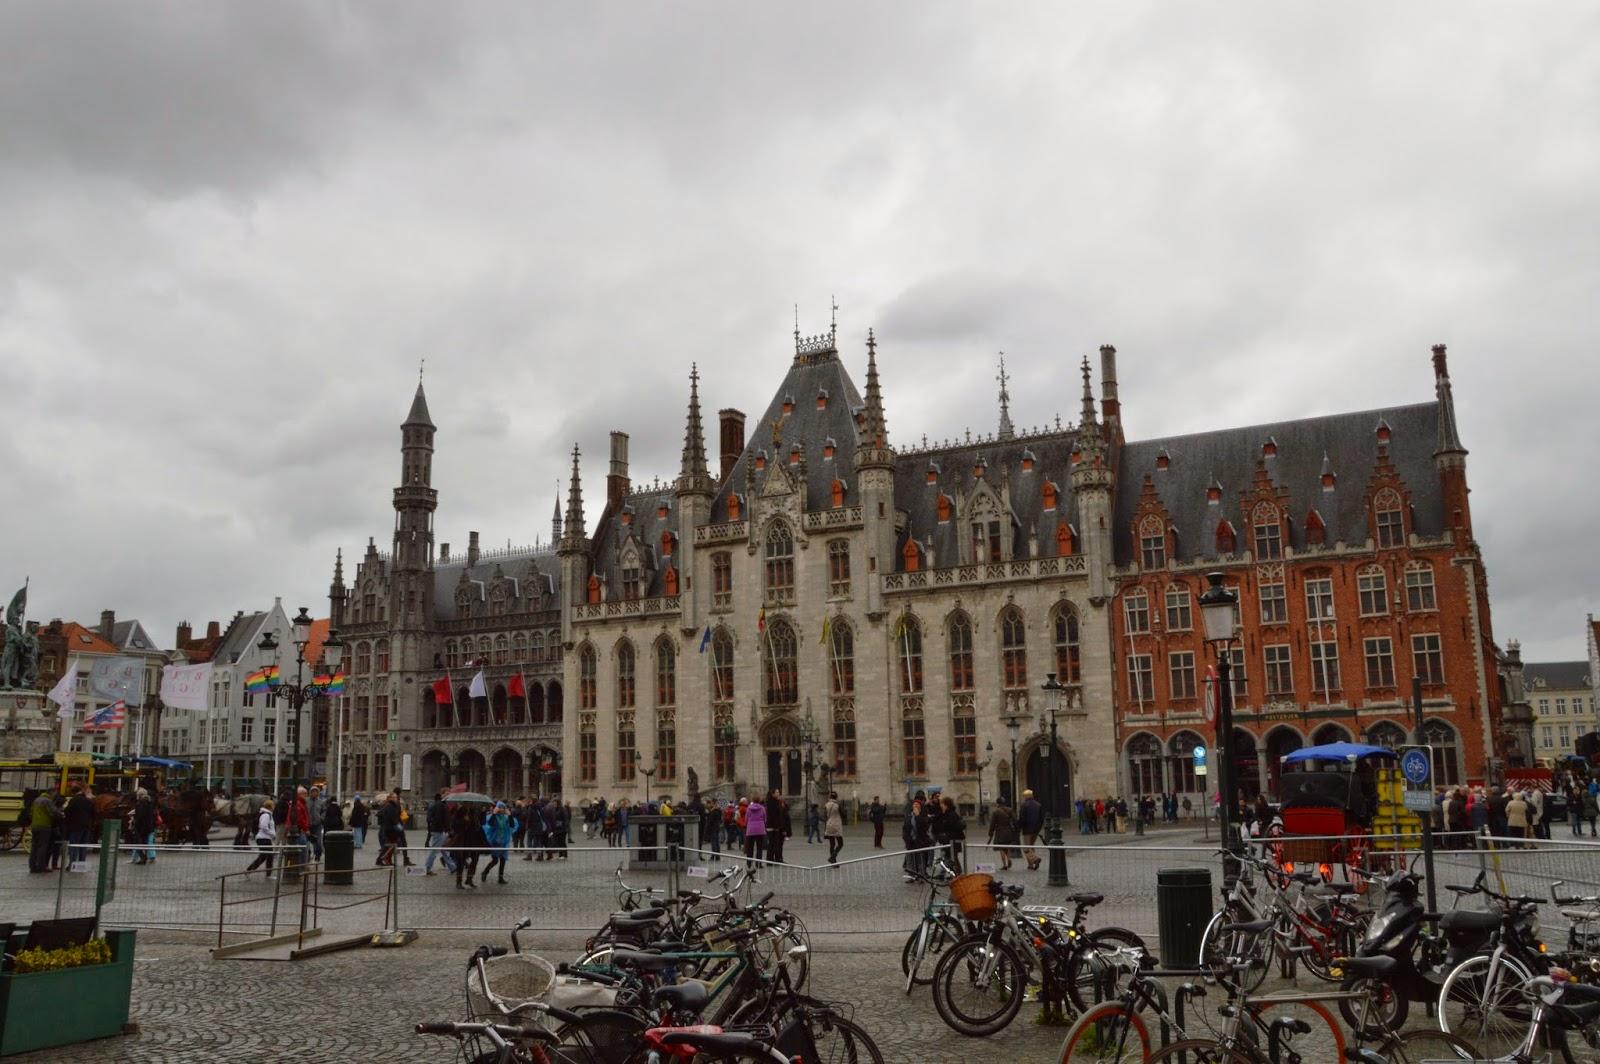 Grote Markt o piazza del mercato